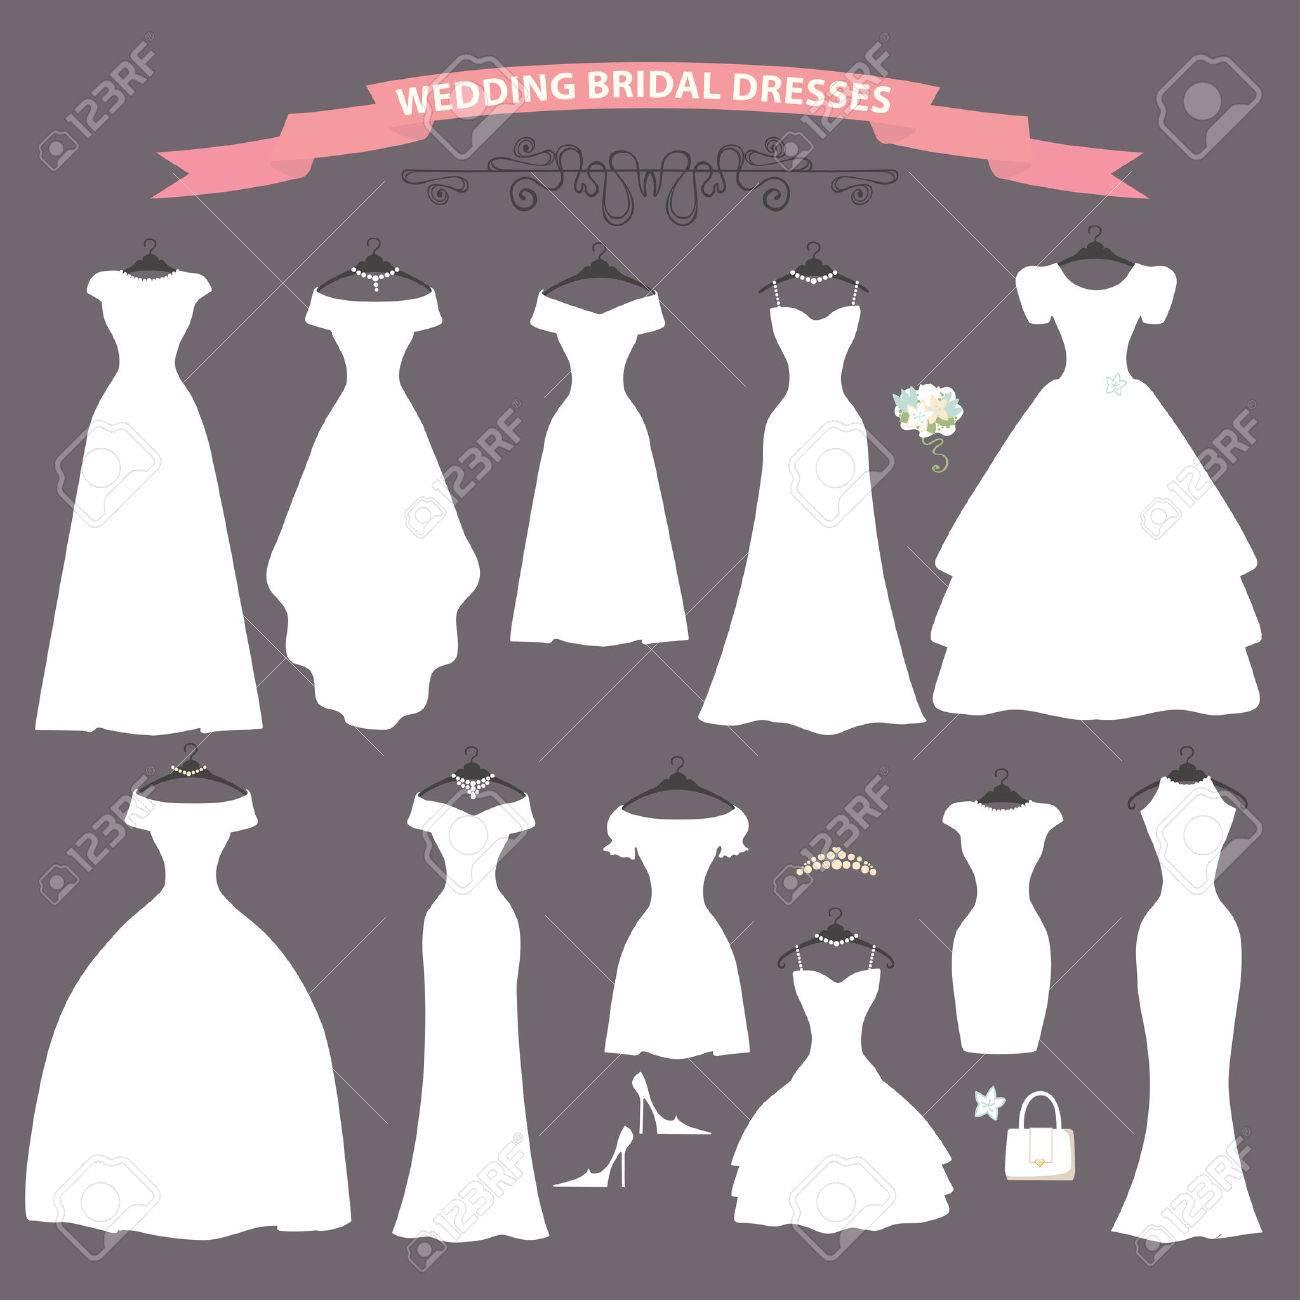 3e8cc31631661 結婚式の組成の異なるスタイルの灰色の背景にハンドバッグとモダンなフラット ベクトル style.Composition、高いヒールの靴で作られたドレス します。